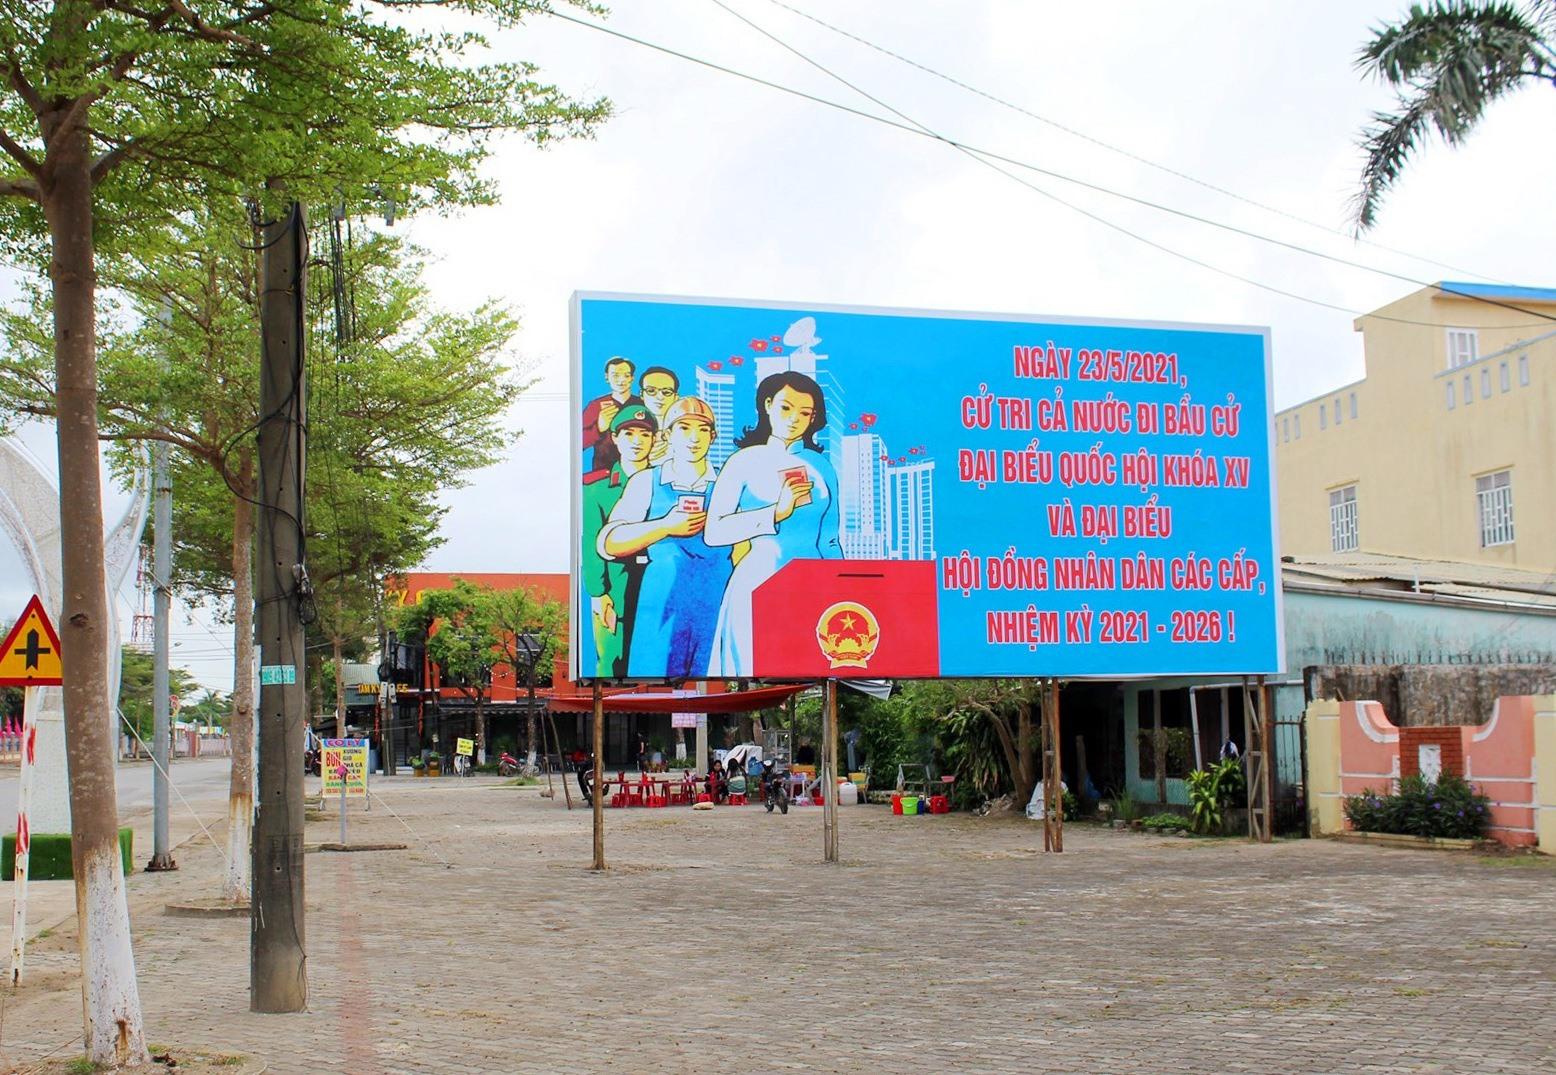 Tuyên truyền bầu cử ở Núi Thành. Ảnh: VĂN PHIN